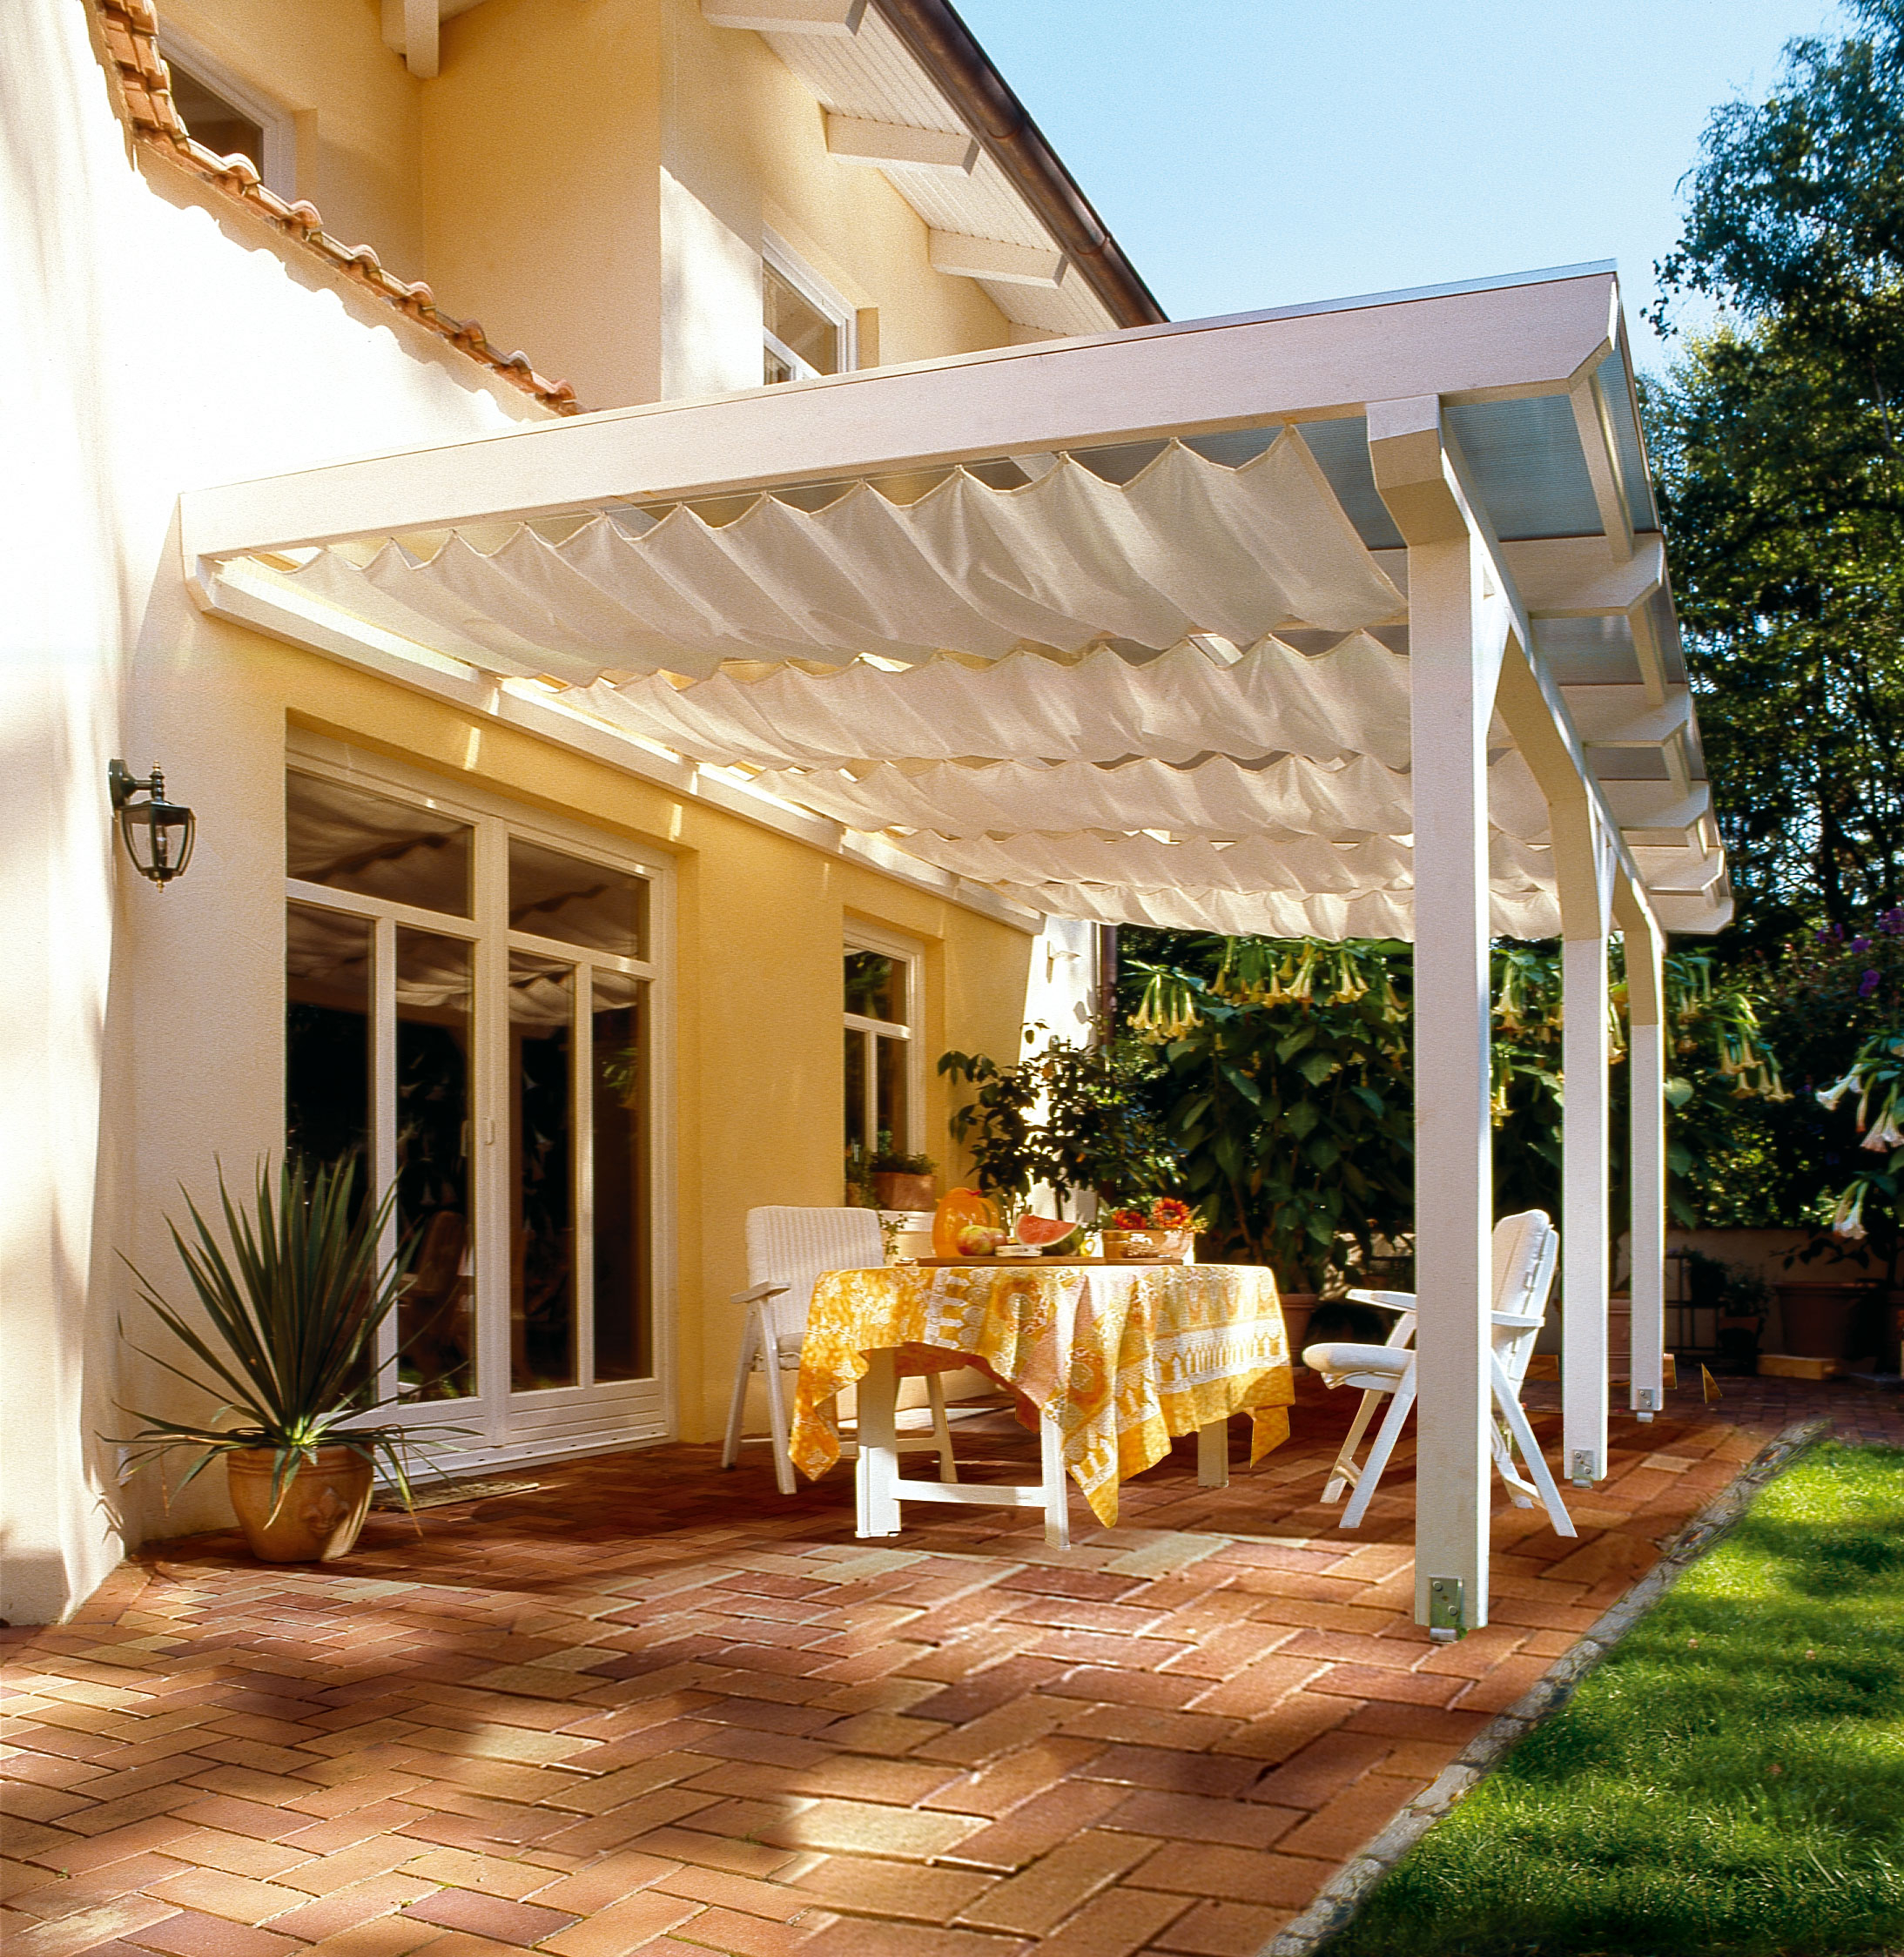 Couvrir Une Terrasse Permis De Construire couvrir une terrasse en dur terrasse couverte auvent